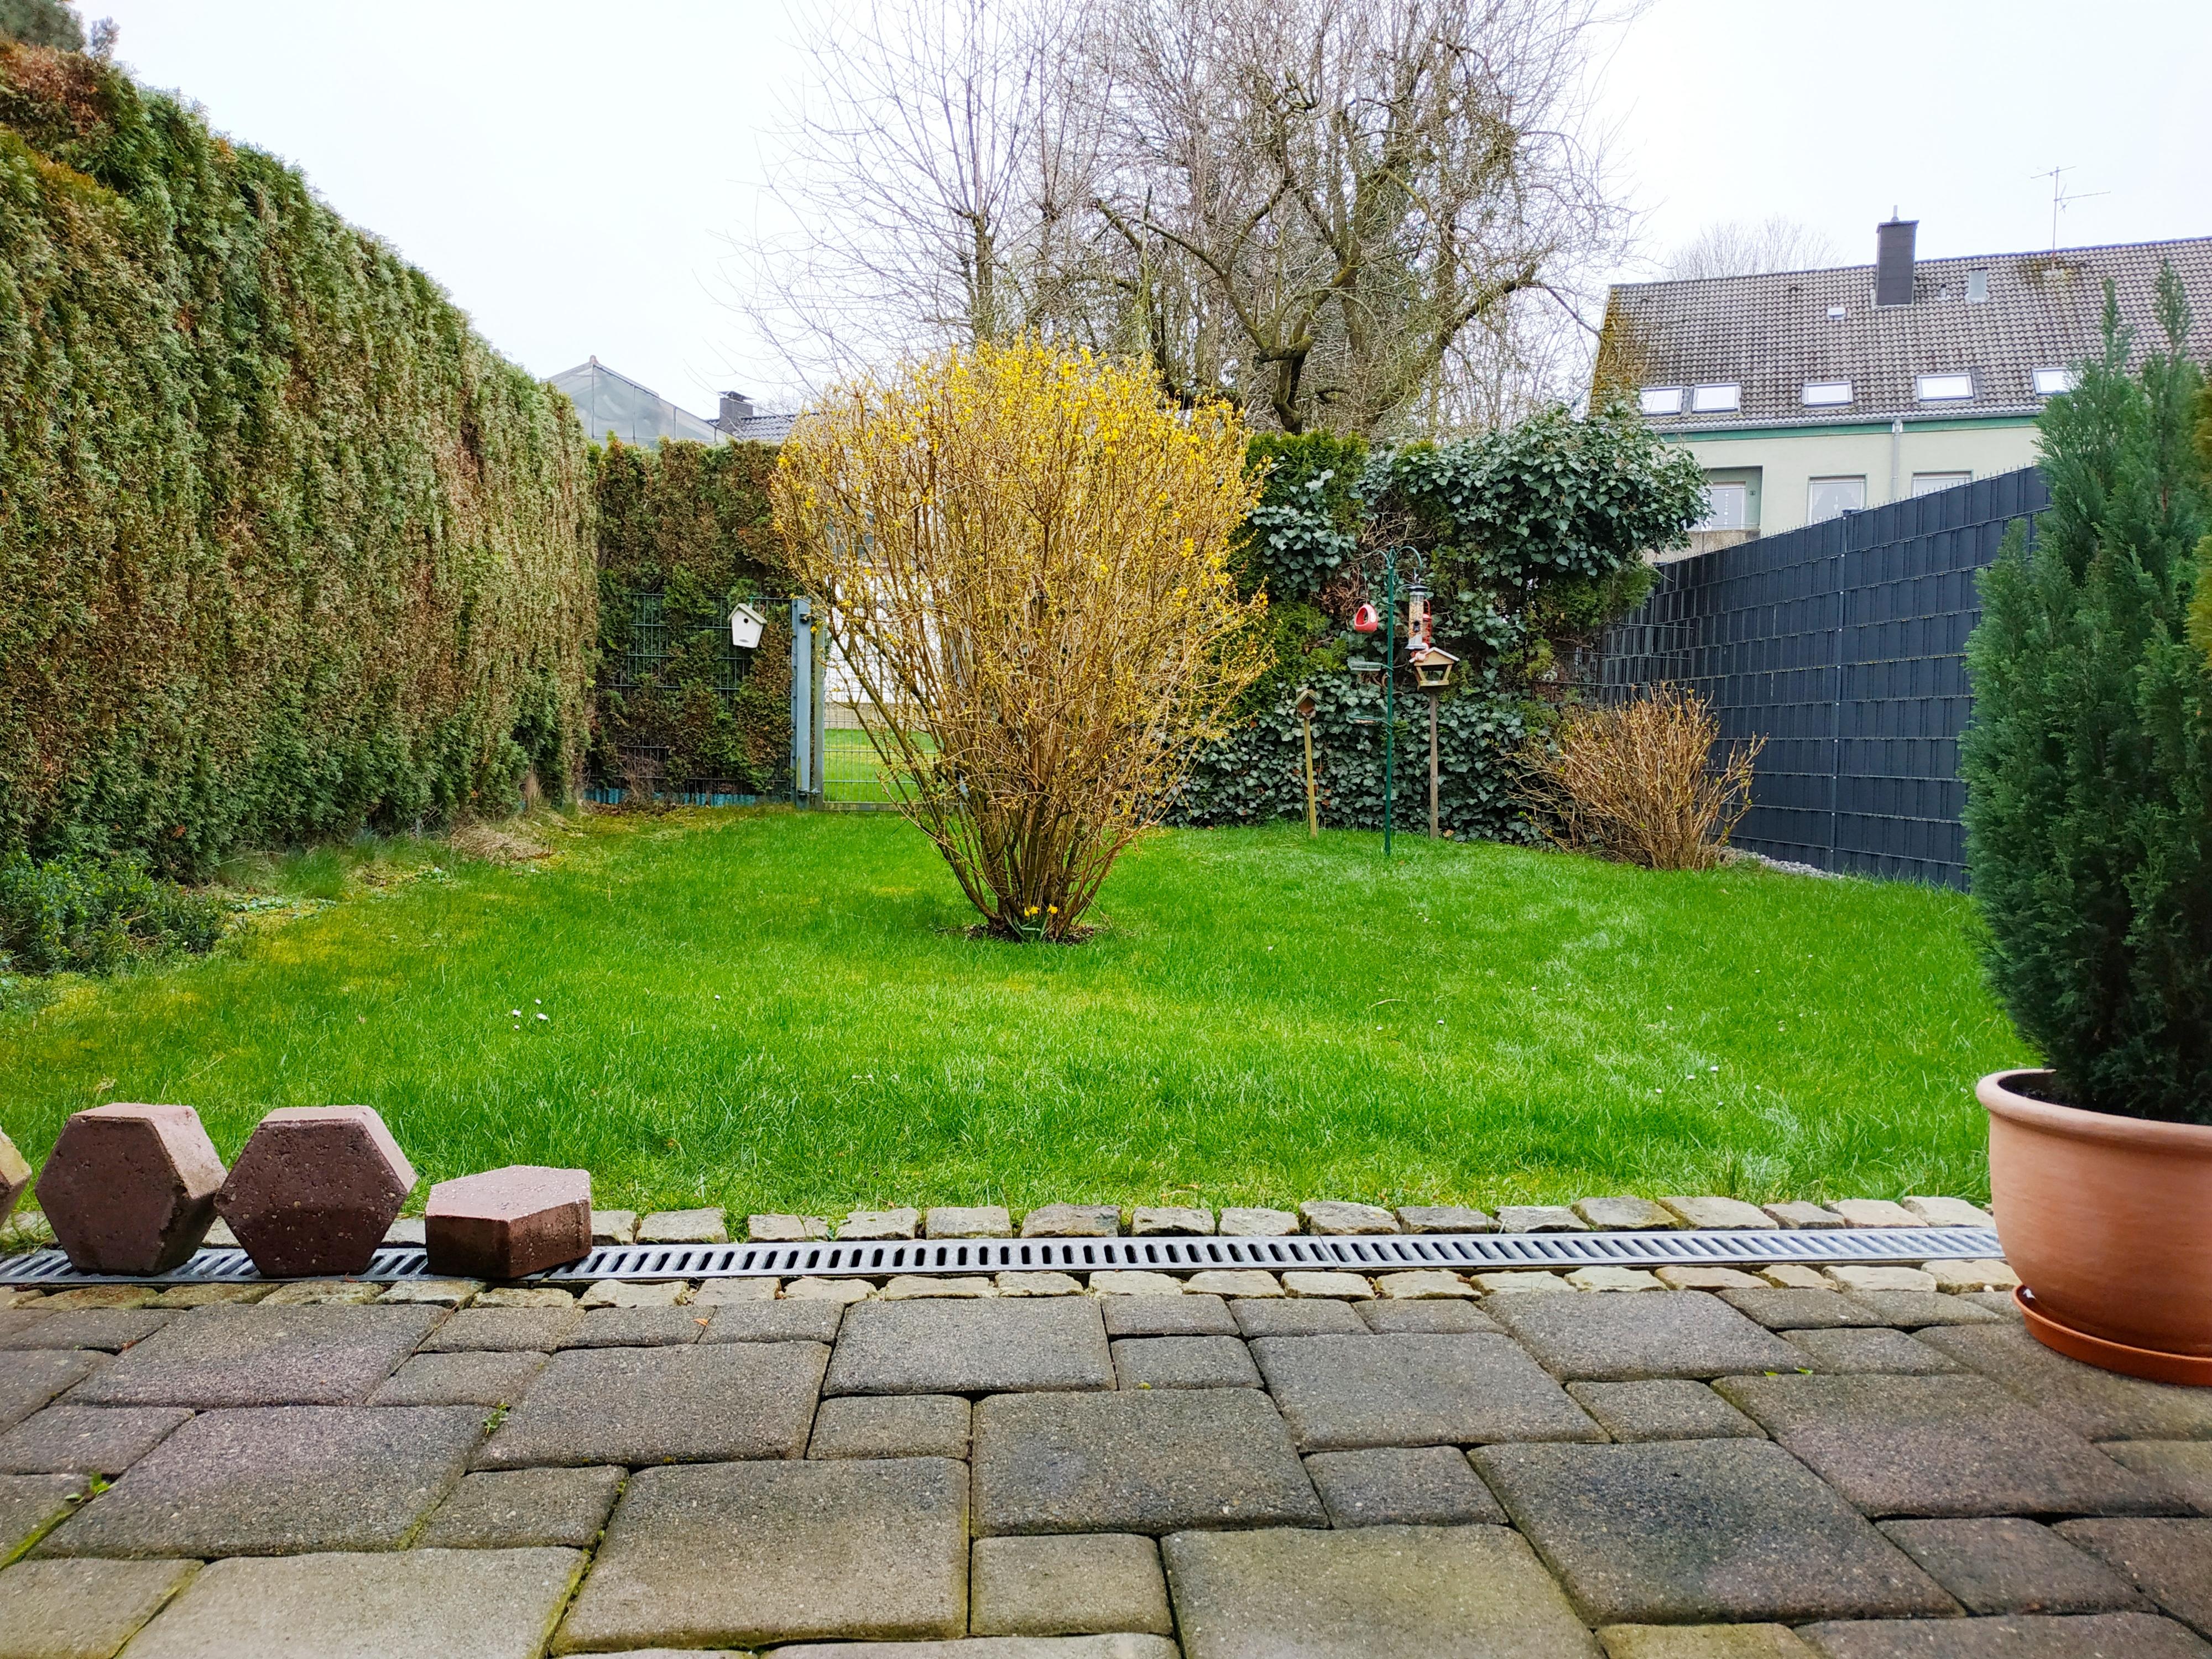 64 m² in ruhiger Lage mit Garten und Stellplatz!